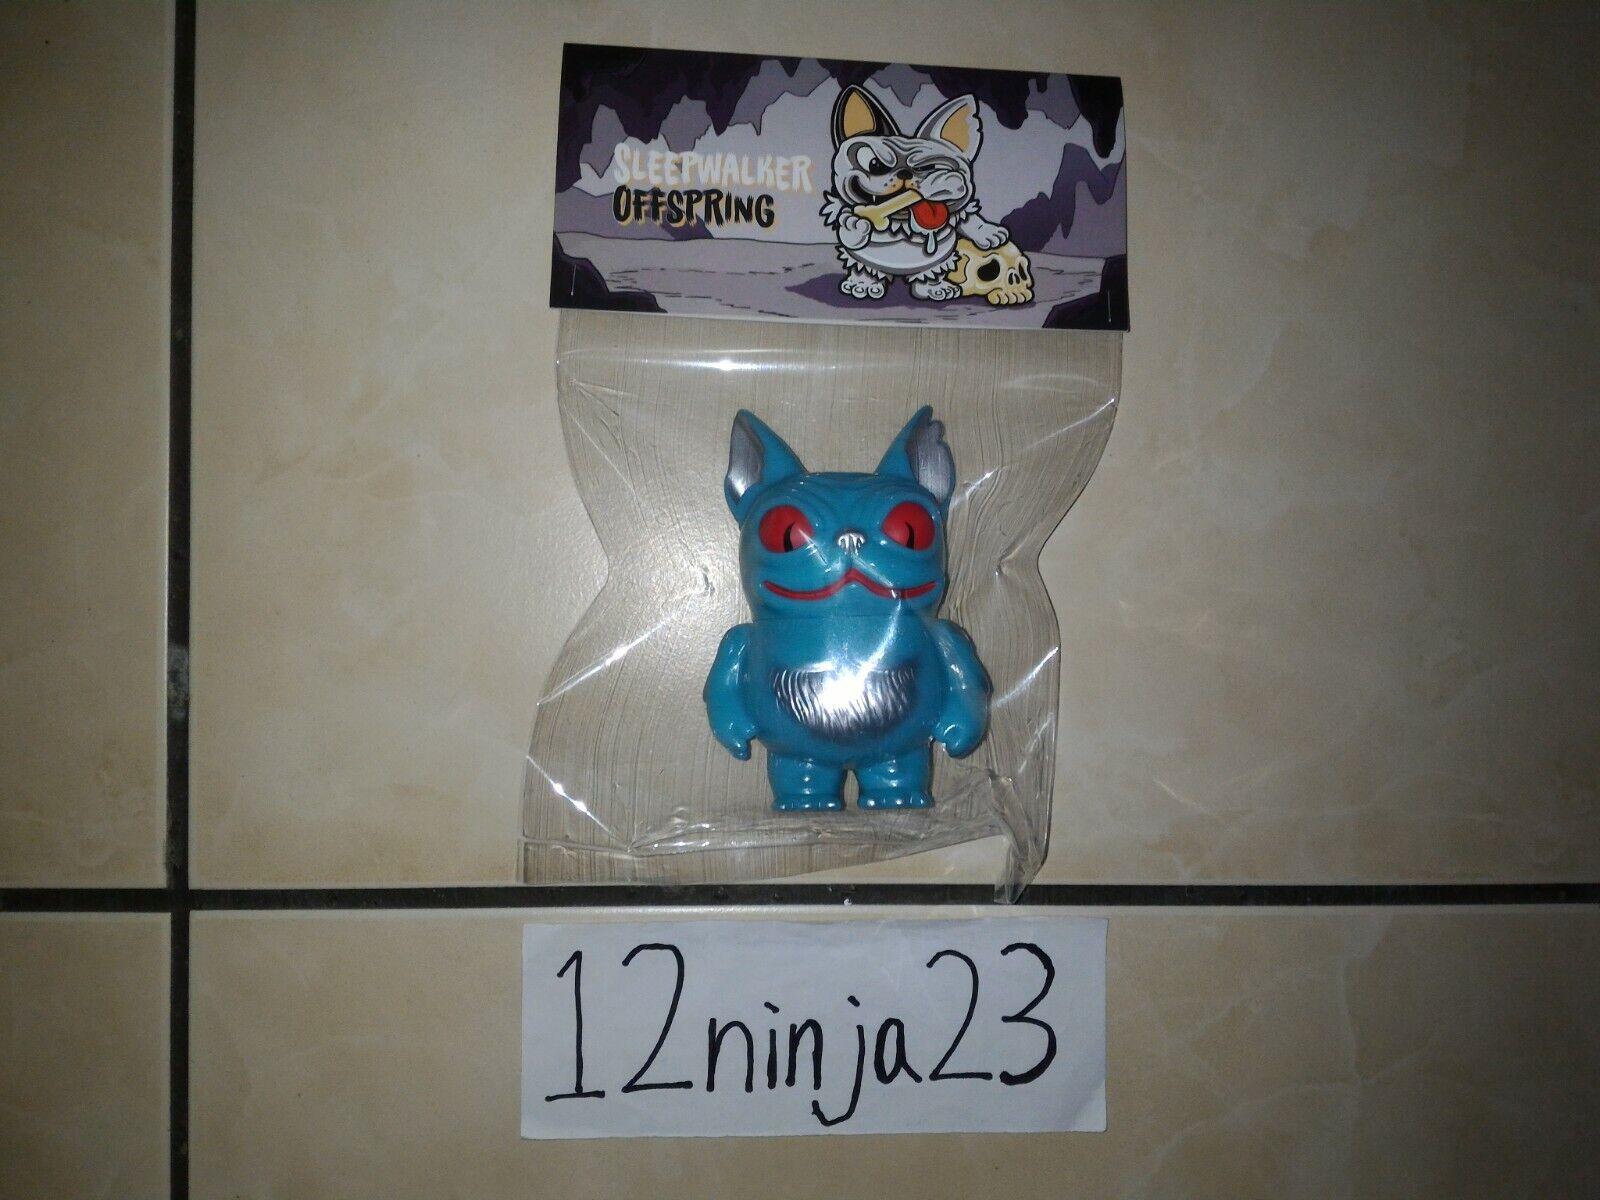 Kurobokan sonámbulo descendiente de la maligna versión de sofubi, juguete de soffi blando de etileno.